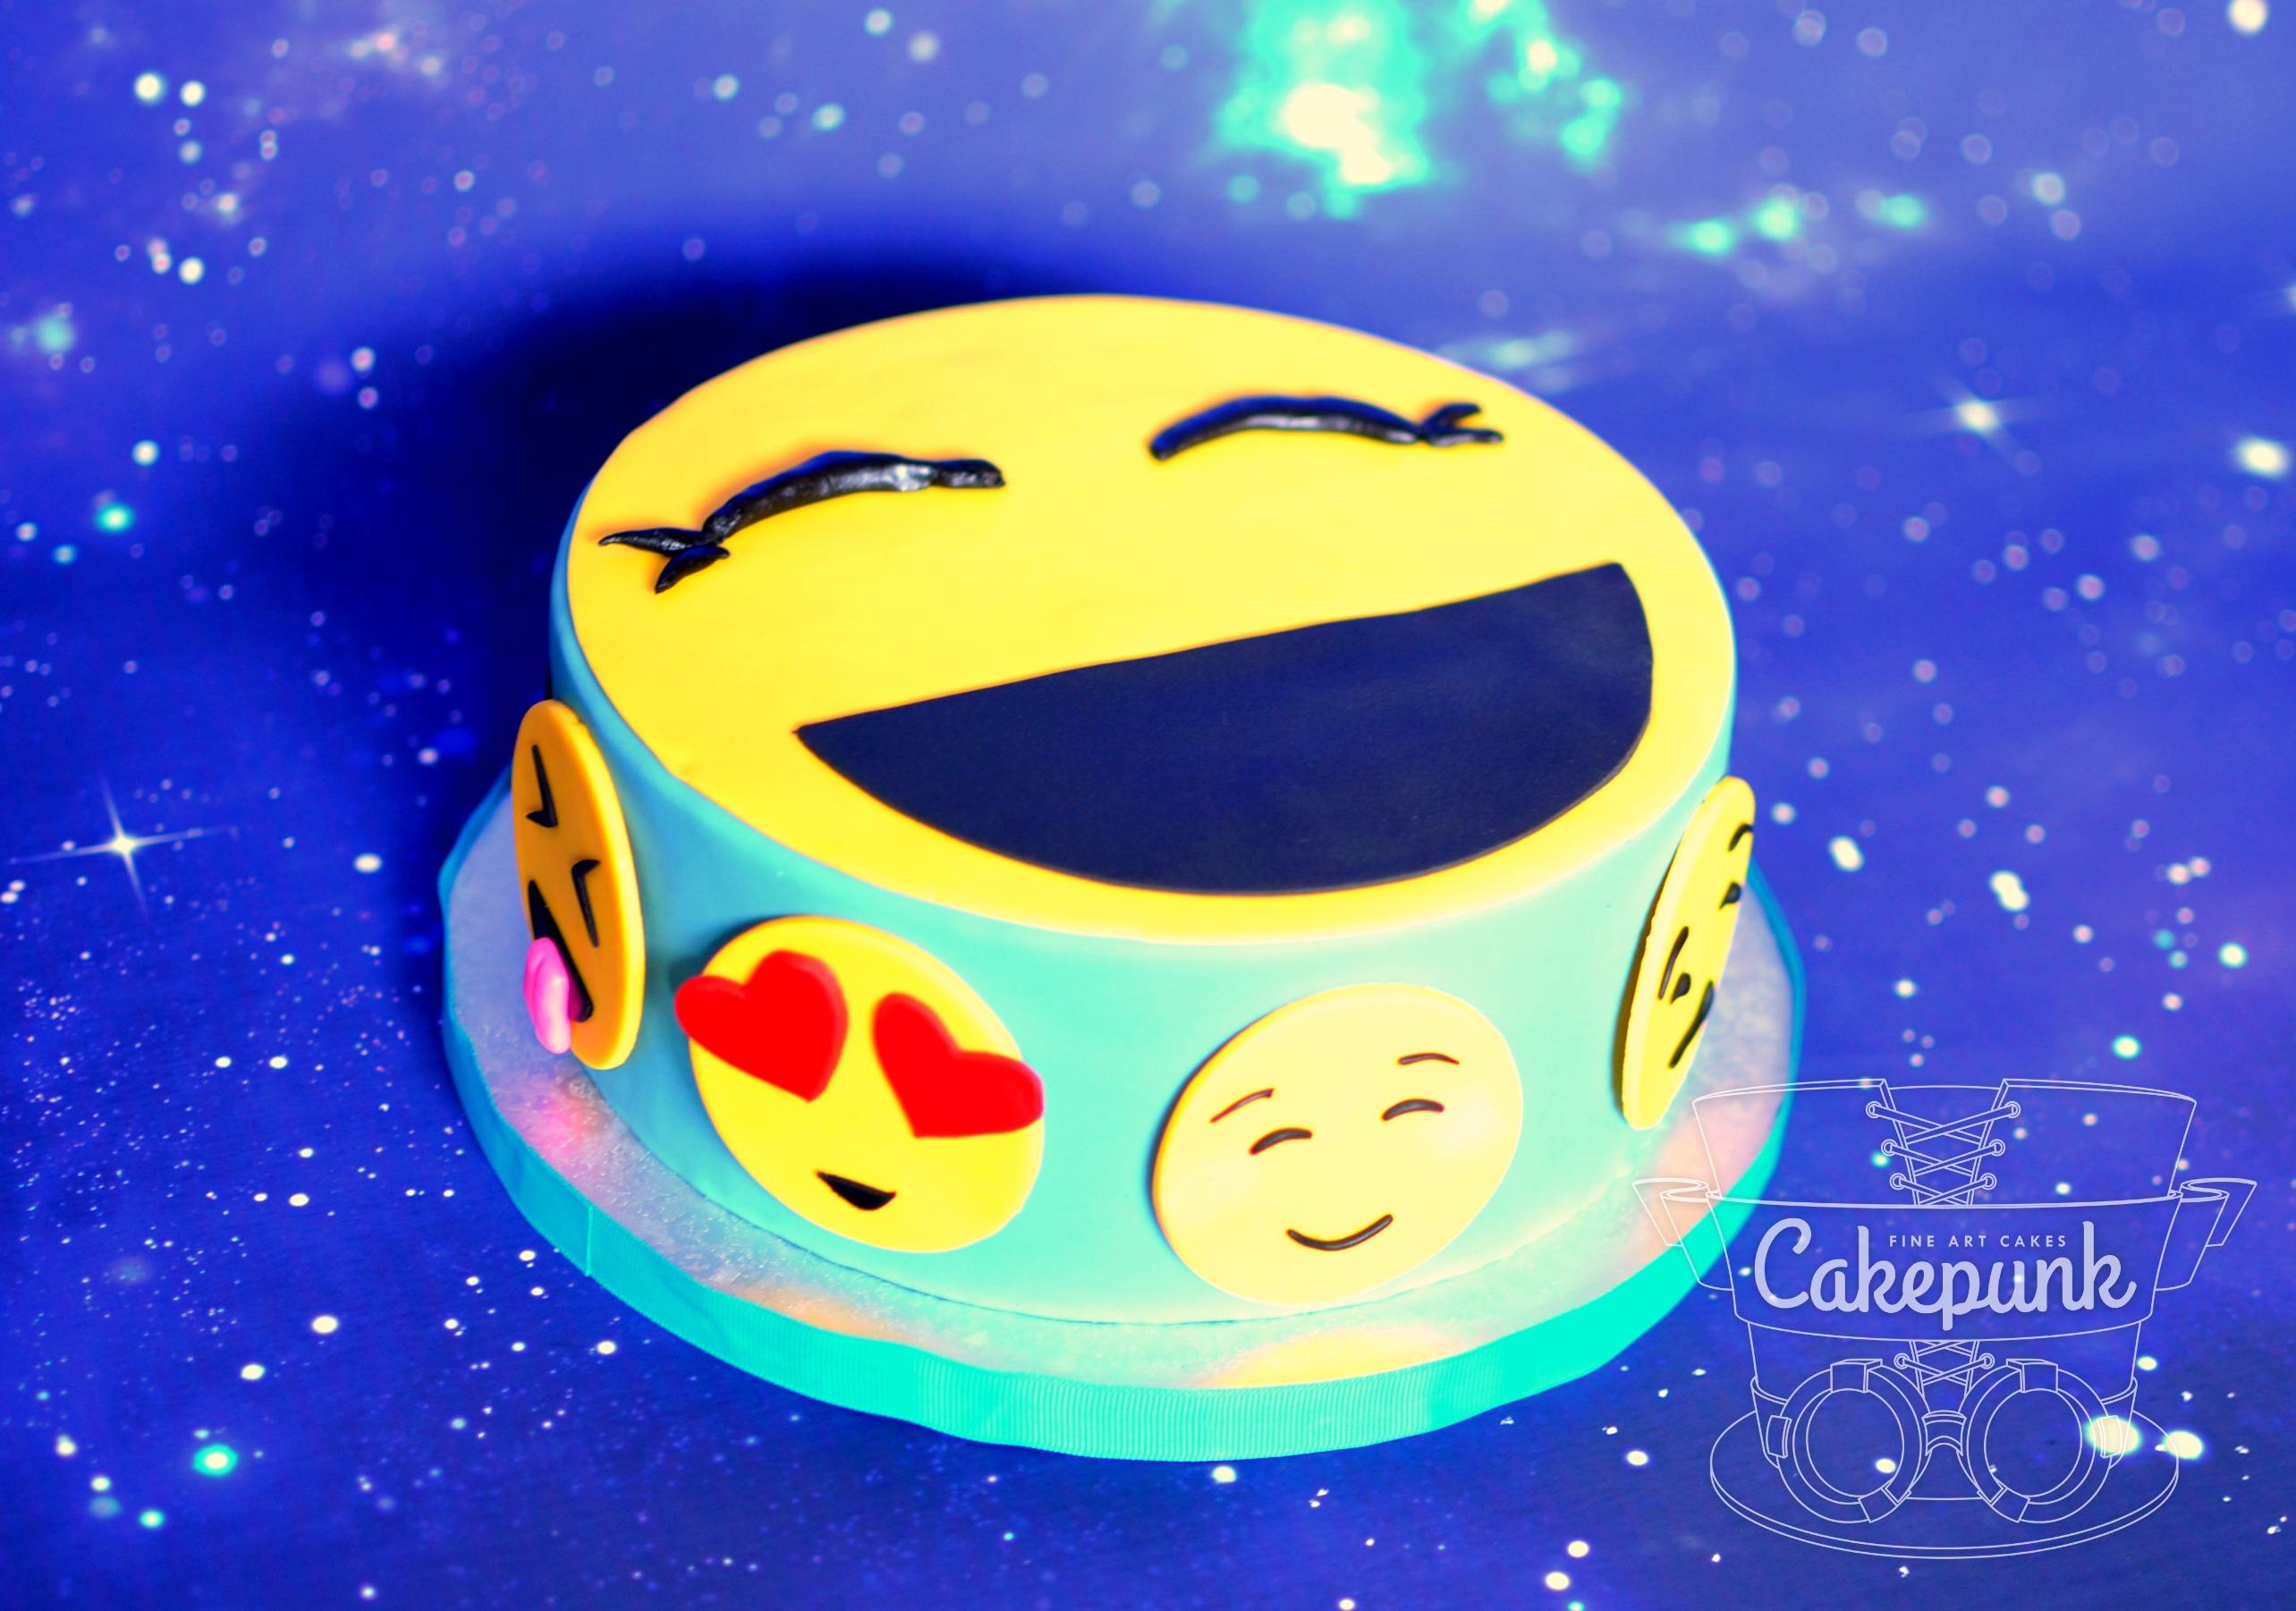 Hannah's Emoji Cake